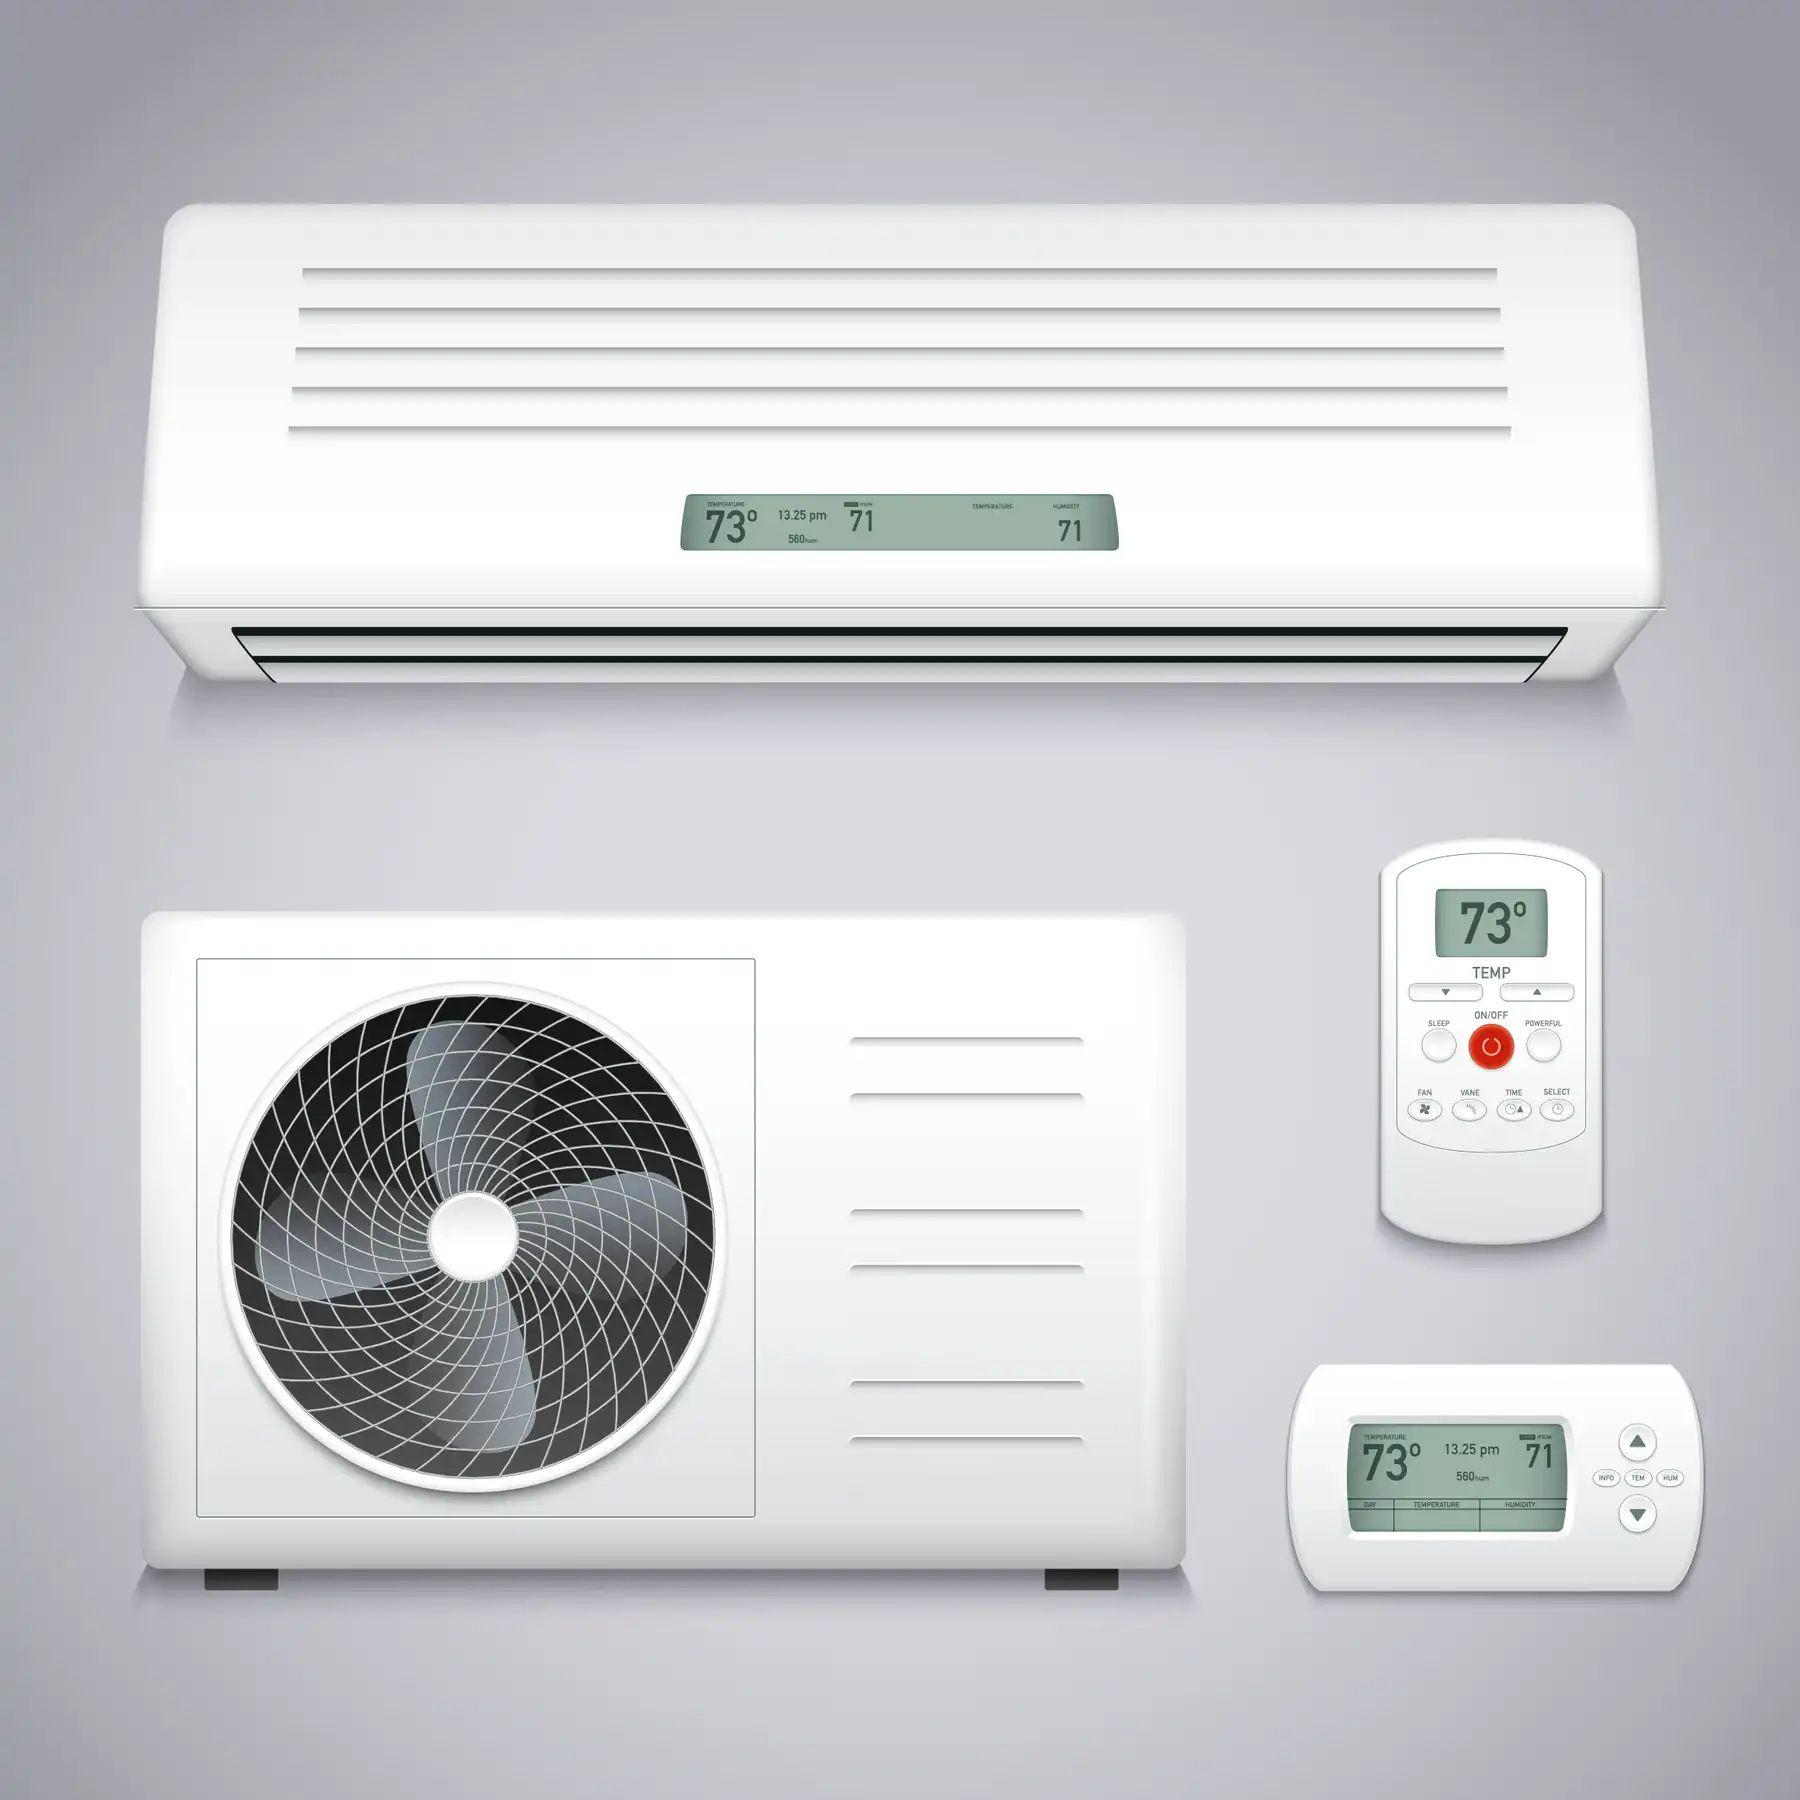 Vệ sinh máy lạnh thường xuyên mang lại nhiều lợi ích | Cleanipedia